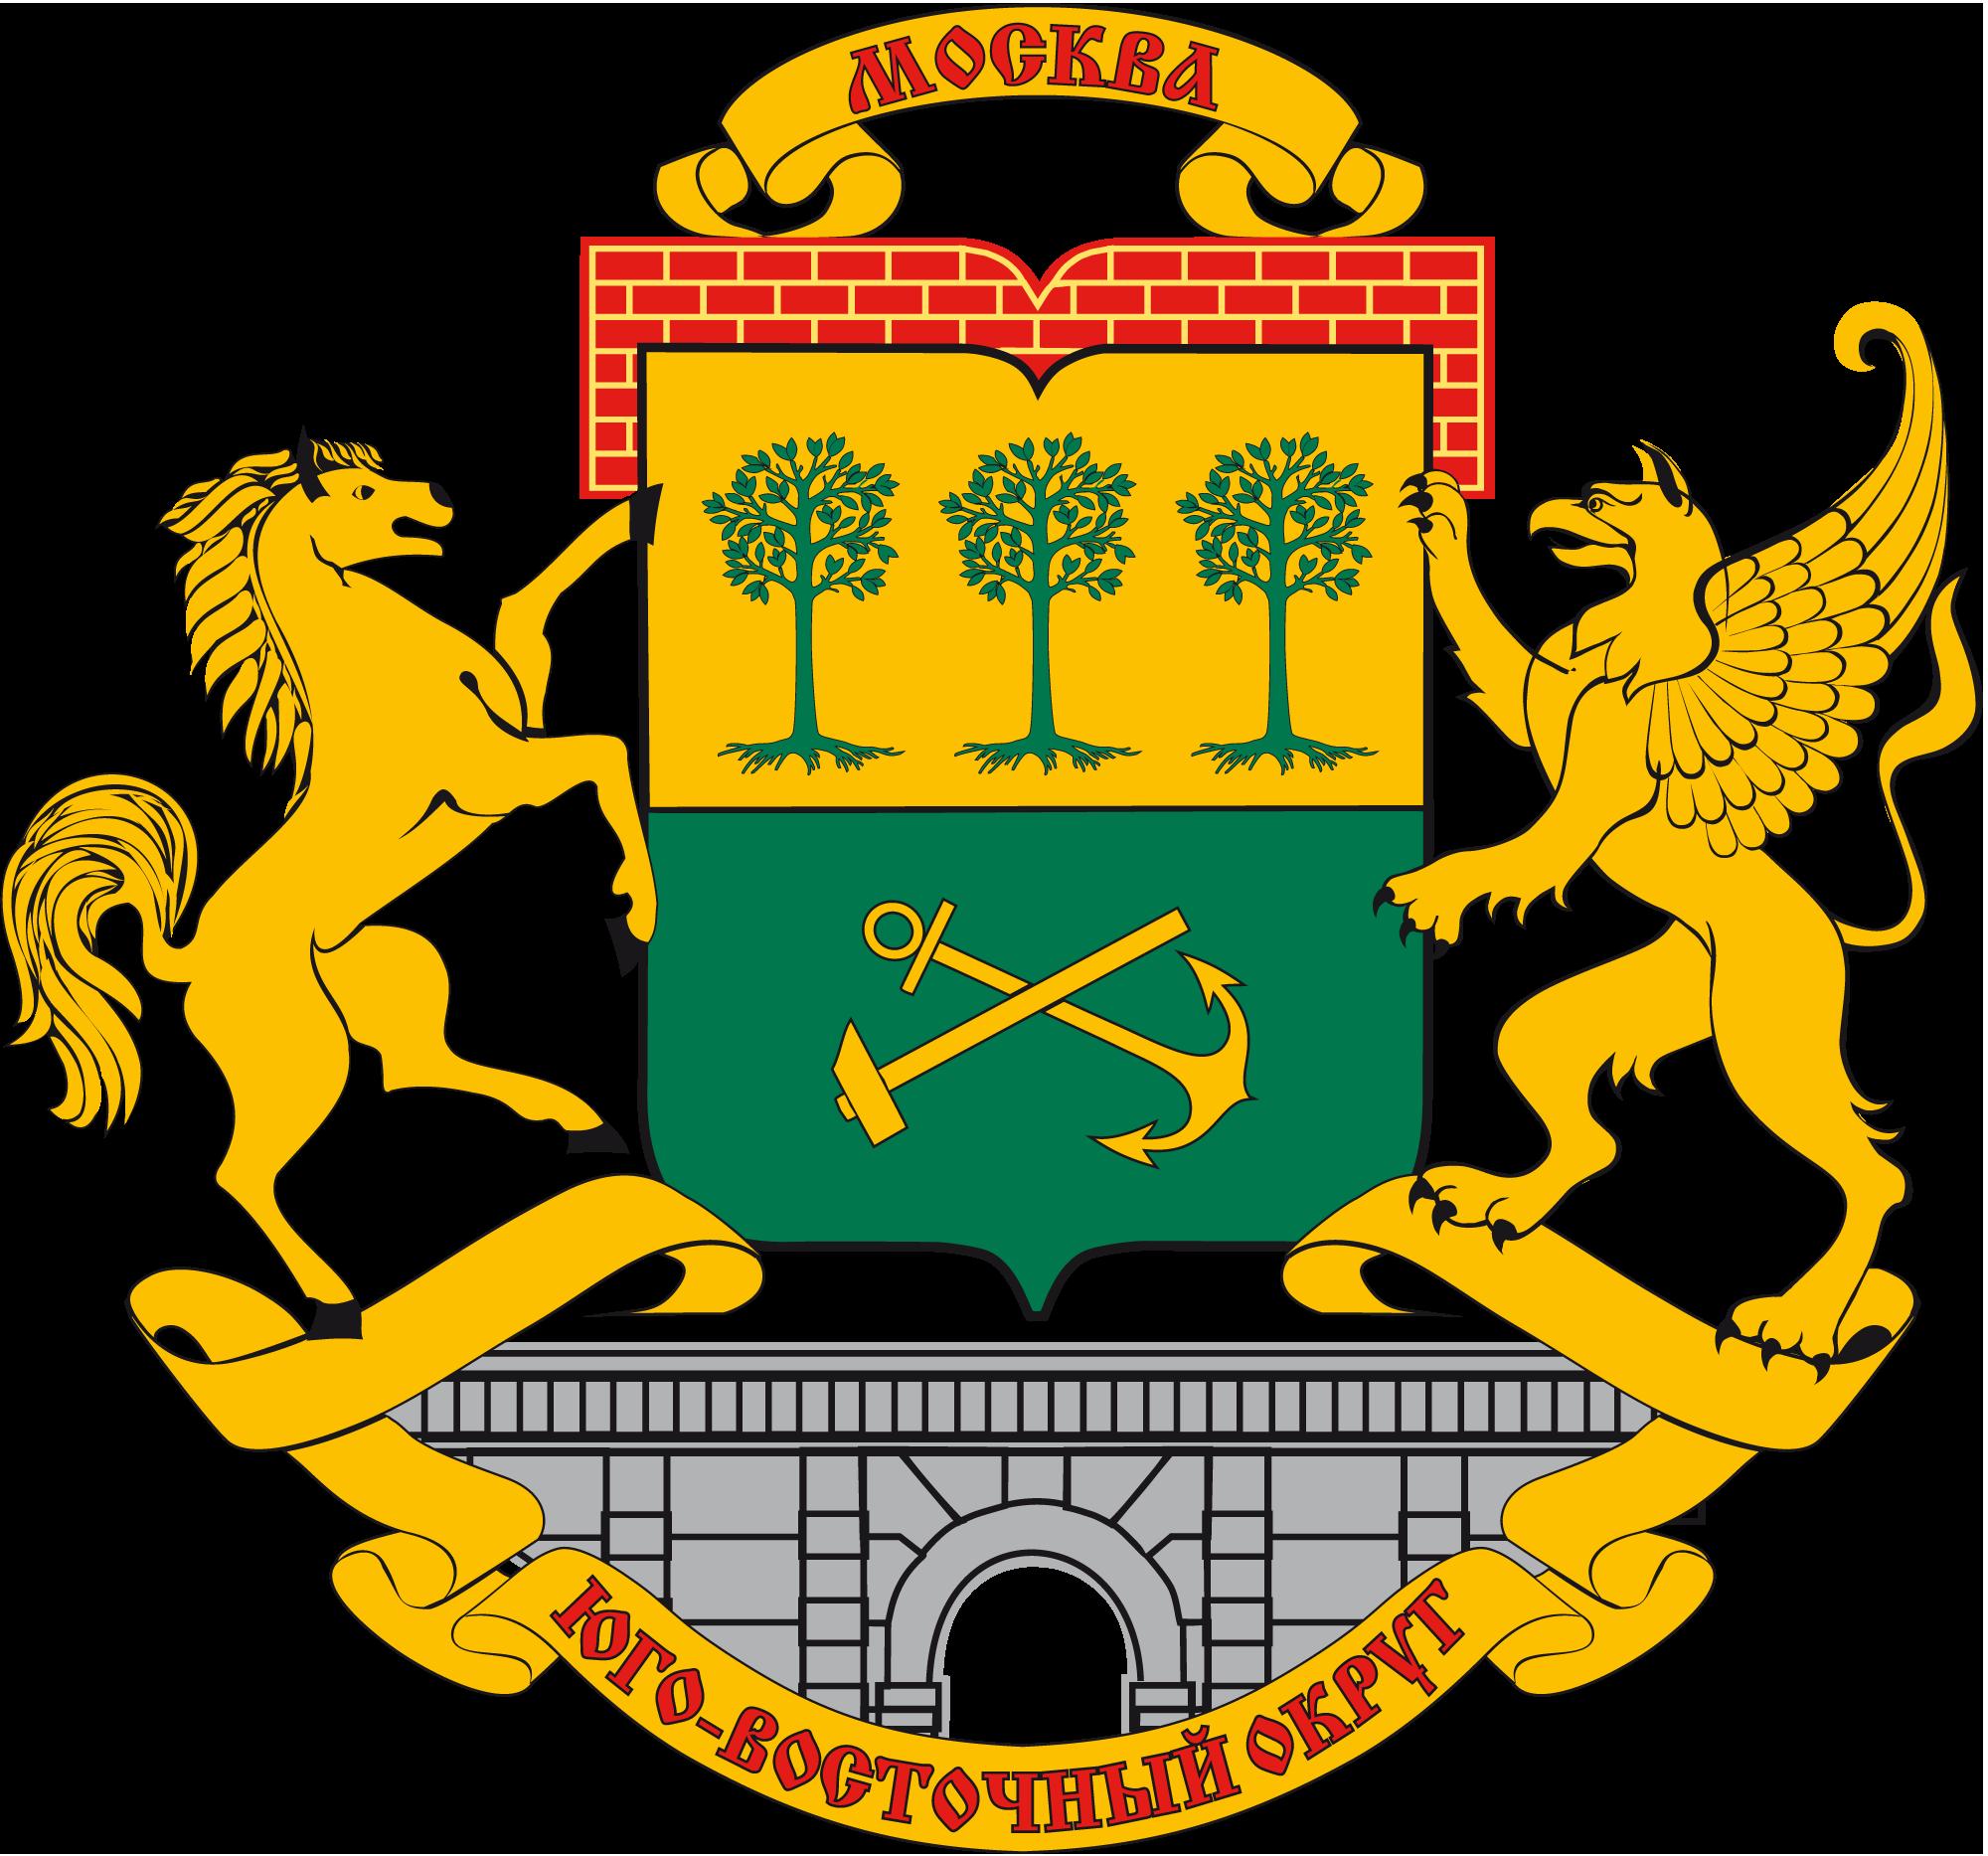 Векторный герб Юго-Восточного округа Москвы